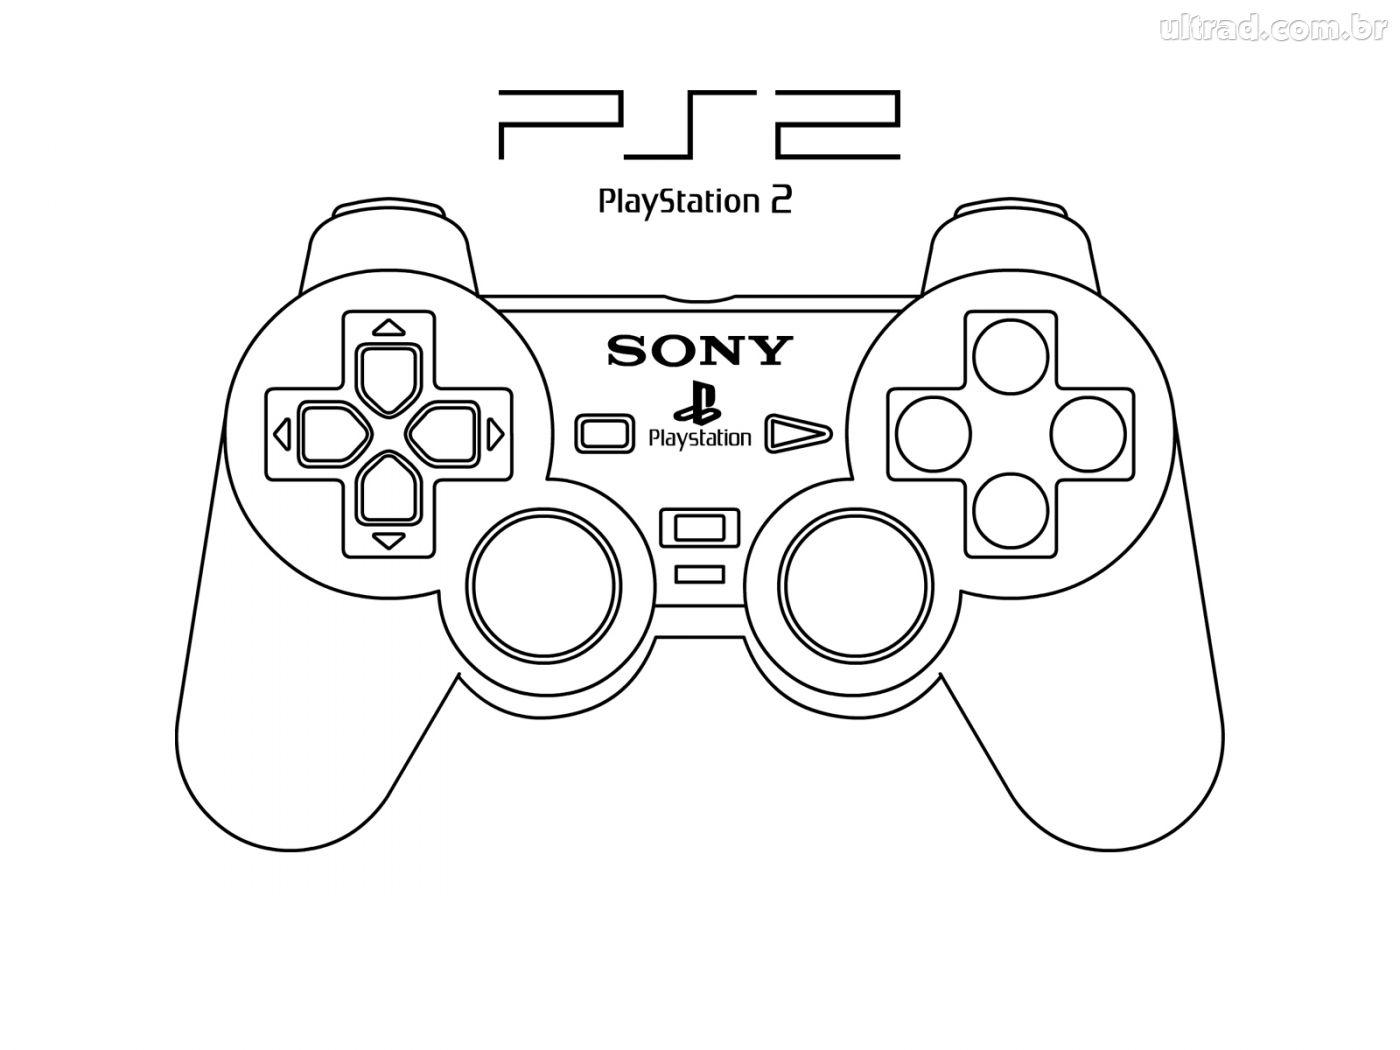 Xbox 720 Remote Control